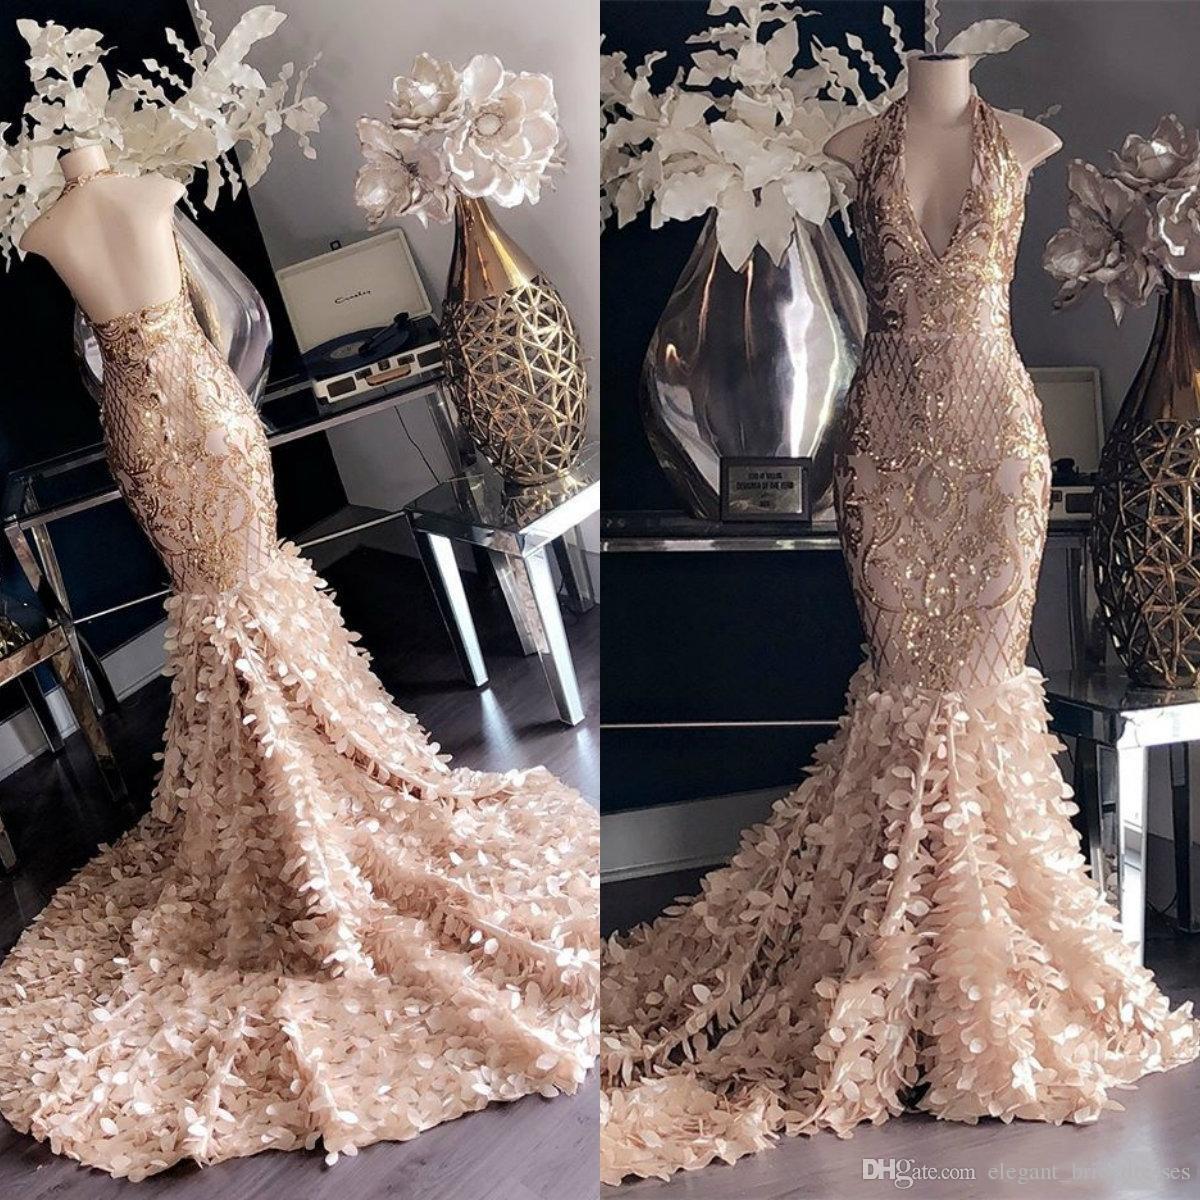 Lindo Top Mermaid Dresses Prom 2019 mangas Lantejoulas Lace Applique vestidos de noite Plus Size Formal vestido de festa